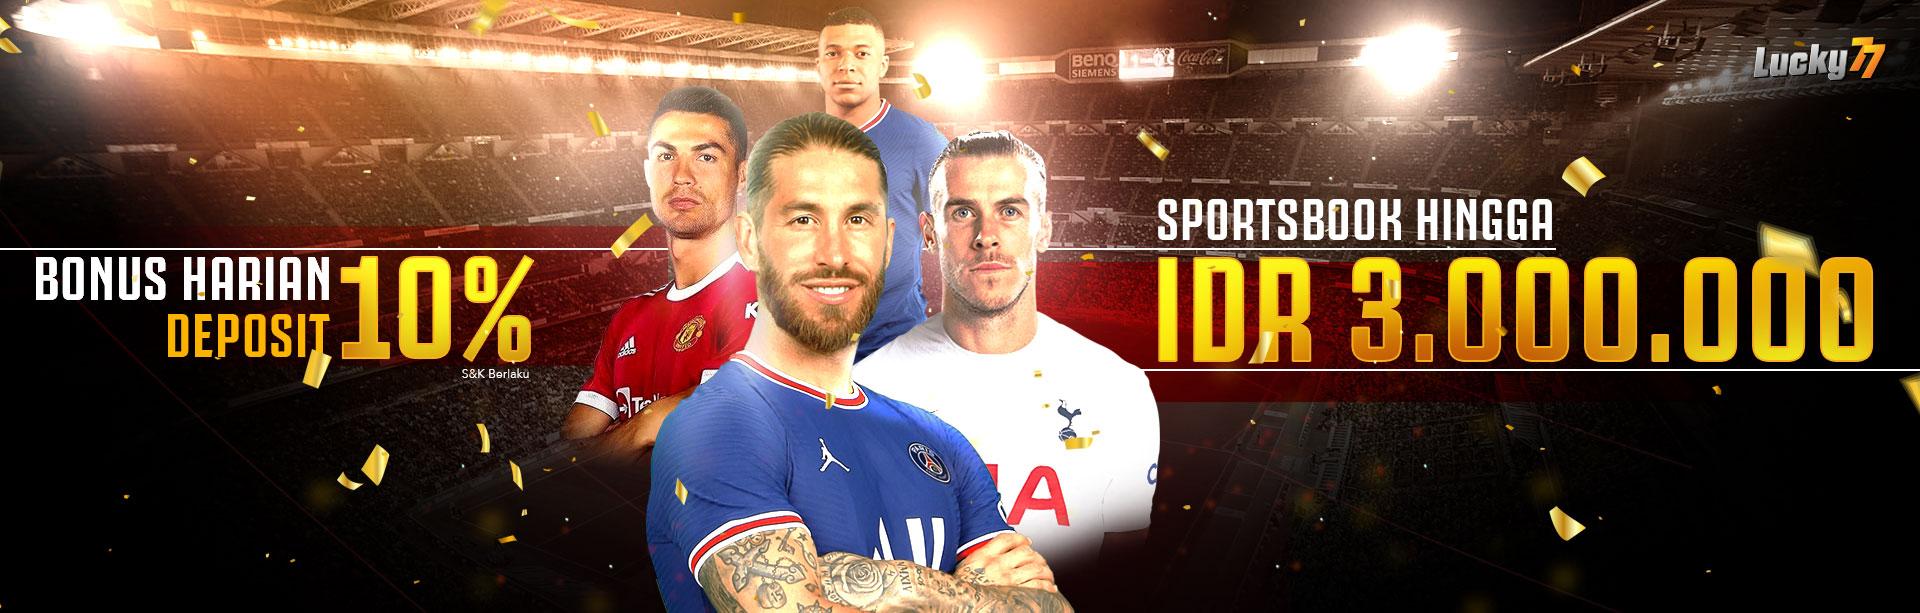 Bonus Harian Sportbook!